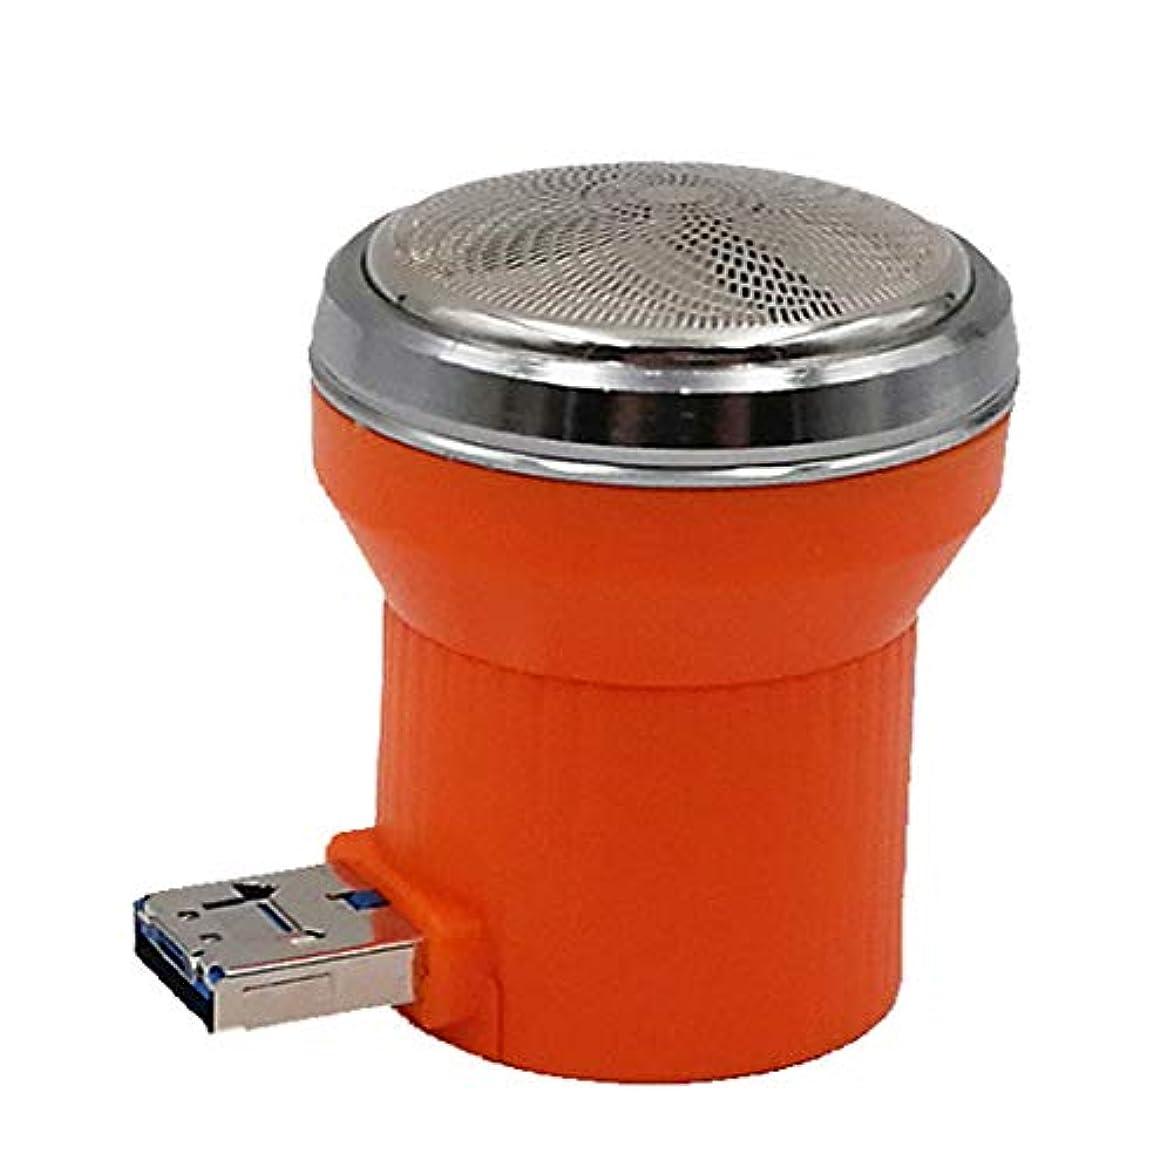 安心させるくすぐったい教室旅行用かみそりのためのミニかみそりUSB携帯電話多機能ポータブル電気メンズかみそり(オレンジ)